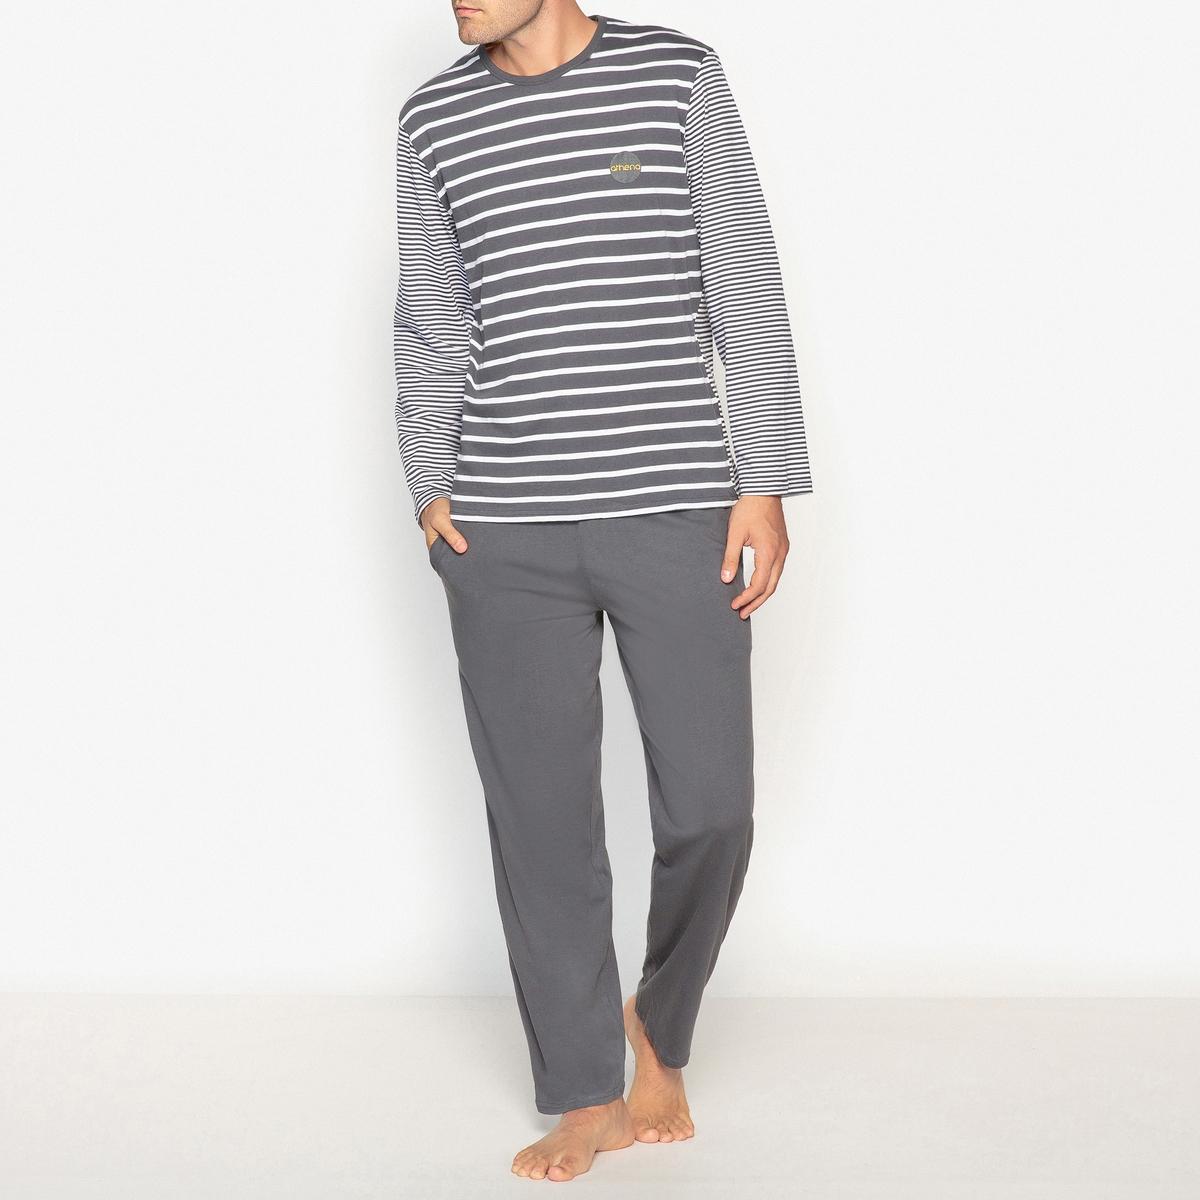 Пижама с футболкой в полоску с длинными рукавами, 100% хлопокПижама ATHENA с футболкой в полоску с длинными однотонными рукавами. Прямой покрой, круглый вырез. Брюки прямого покроя.Описание  •  Футболка в полоску с длинными рукавами •  Круглый вырез  •  Длинные брюки, эластичный пояс с затягиваемым шнурком  •  2 боковых кармана (?)Состав и уход •  Основной материал : 100% хлопок, окрашенные нити •  Машинная стирка при 30 °С •  Стирать с вещами схожих цветов<br><br>Цвет: антрацит